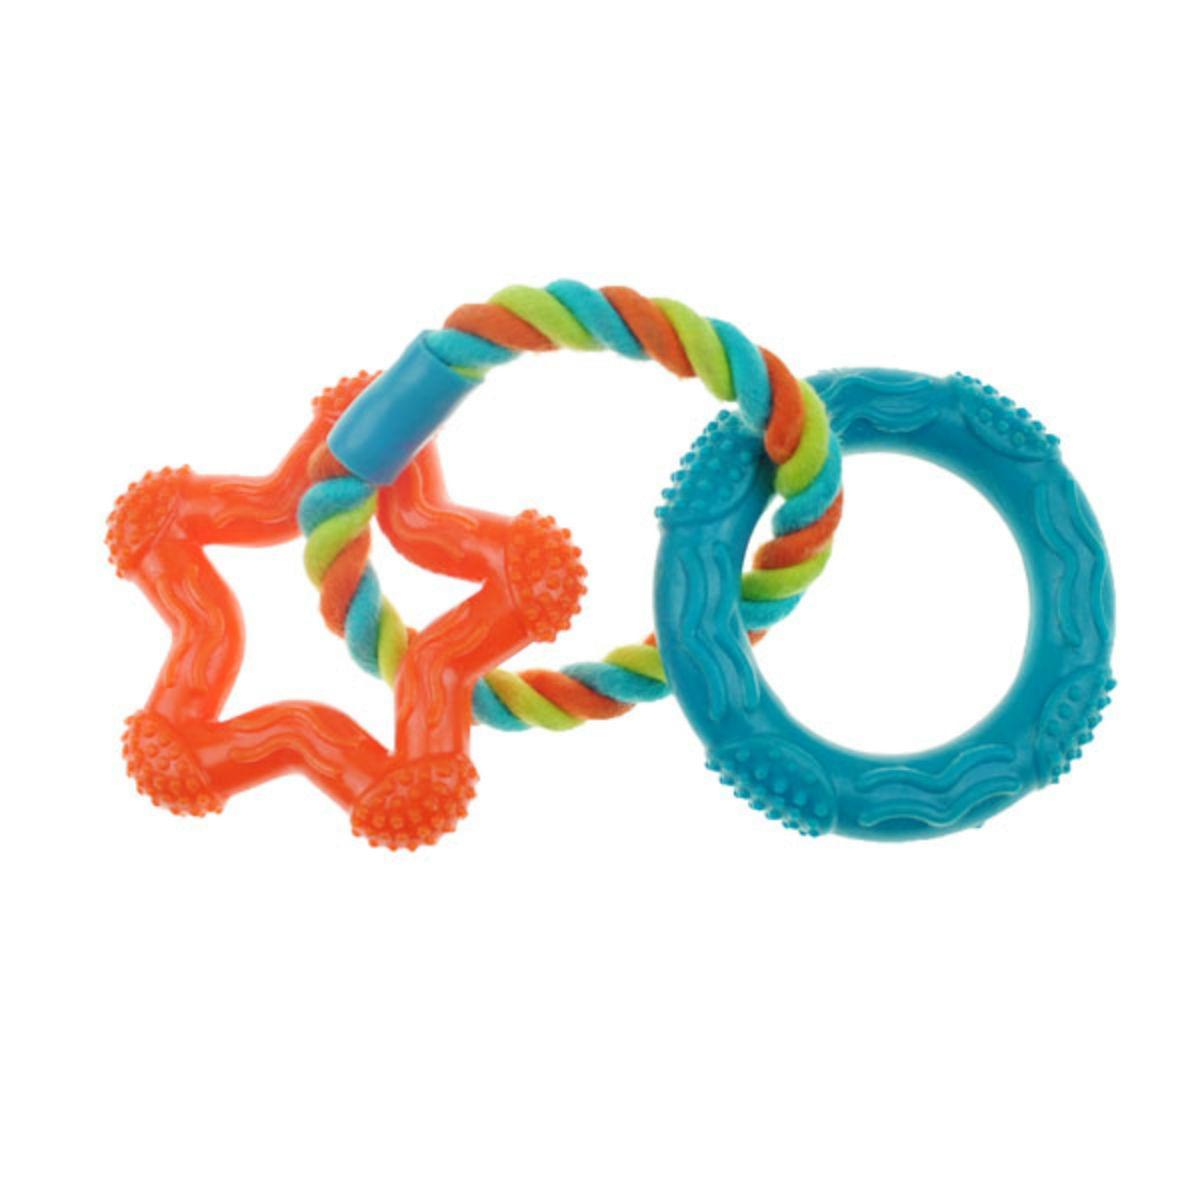 Chomper Mini TPR Rope 'N Rings Dog Toy - Orange Star